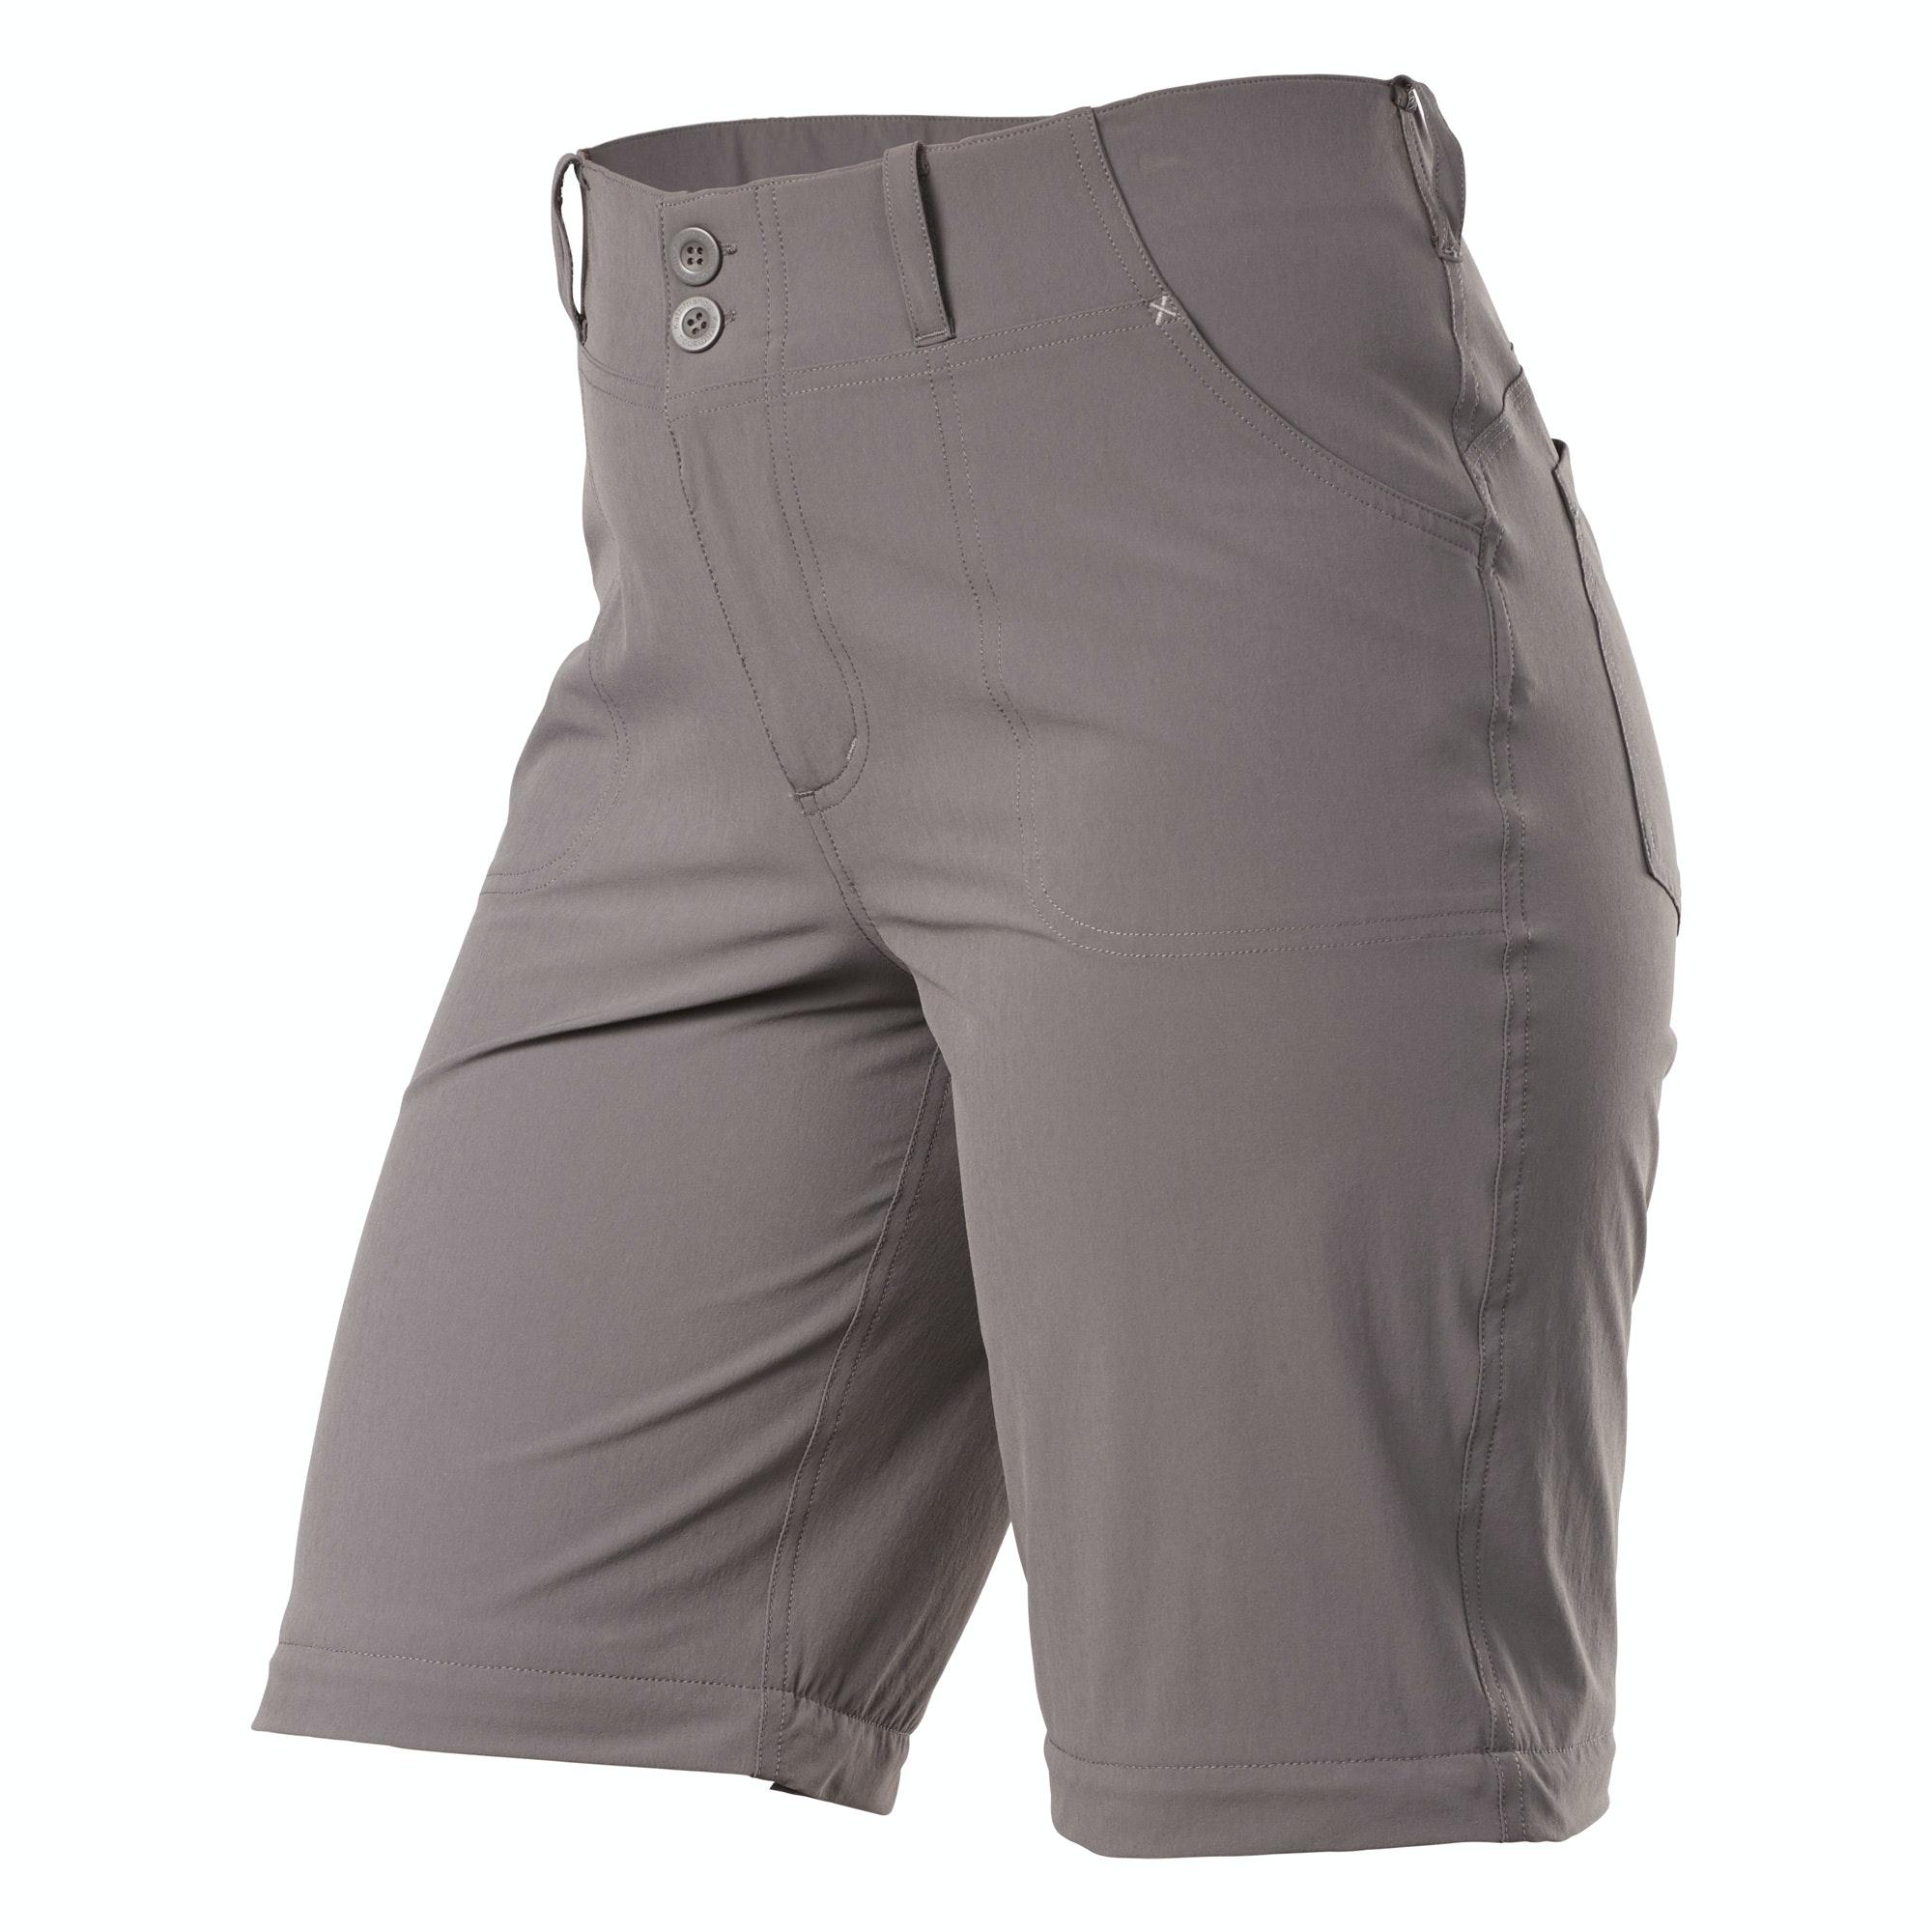 10895858d646 NEW Kathmandu Semsa Women s Zip Off Shorts Lightweight Travel Pants ...